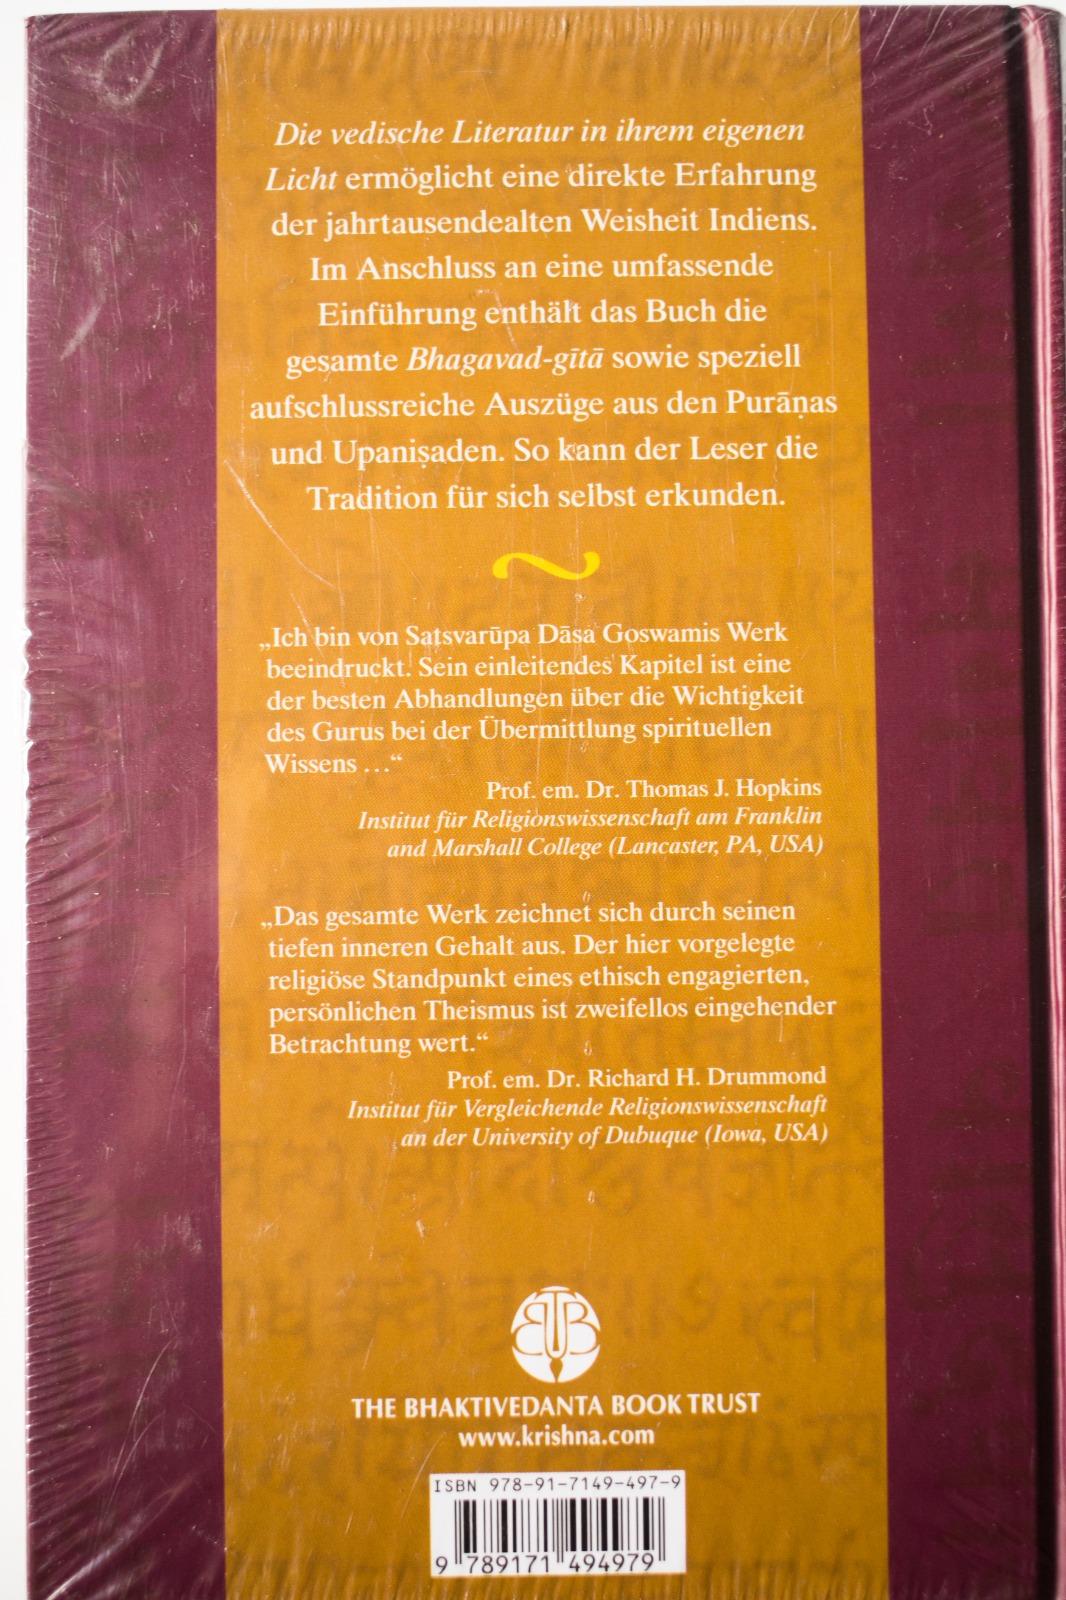 Die Vedische Literatur in ihrem eigenen Licht